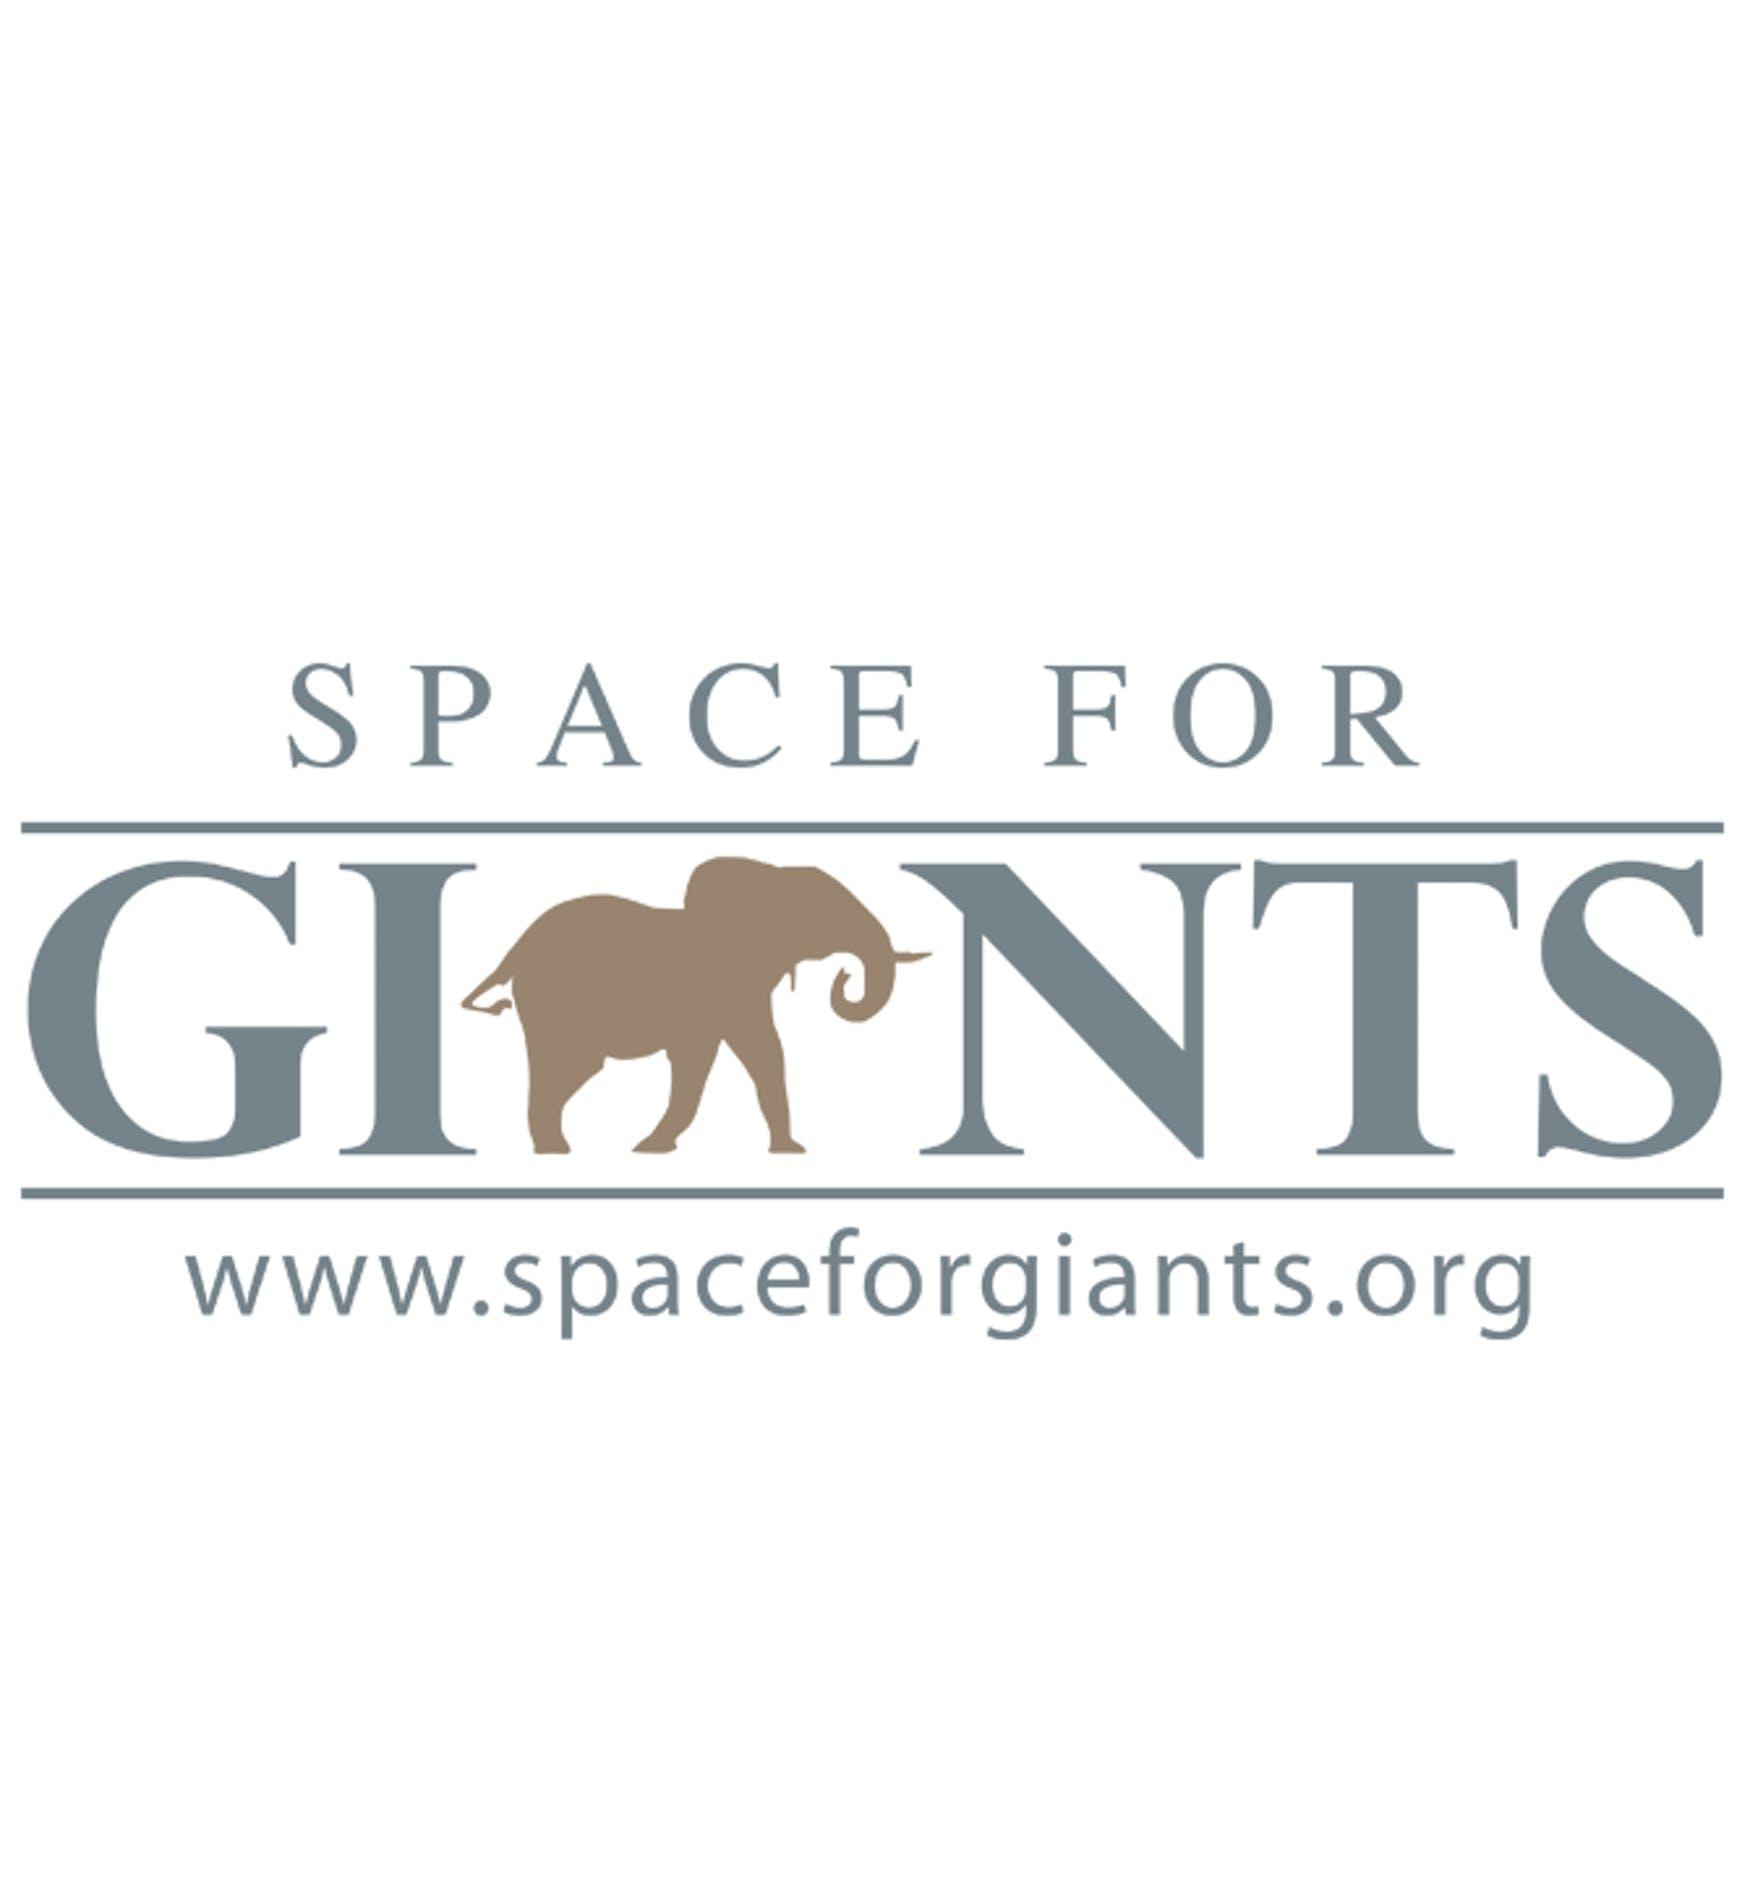 spaceforgiants.jpg